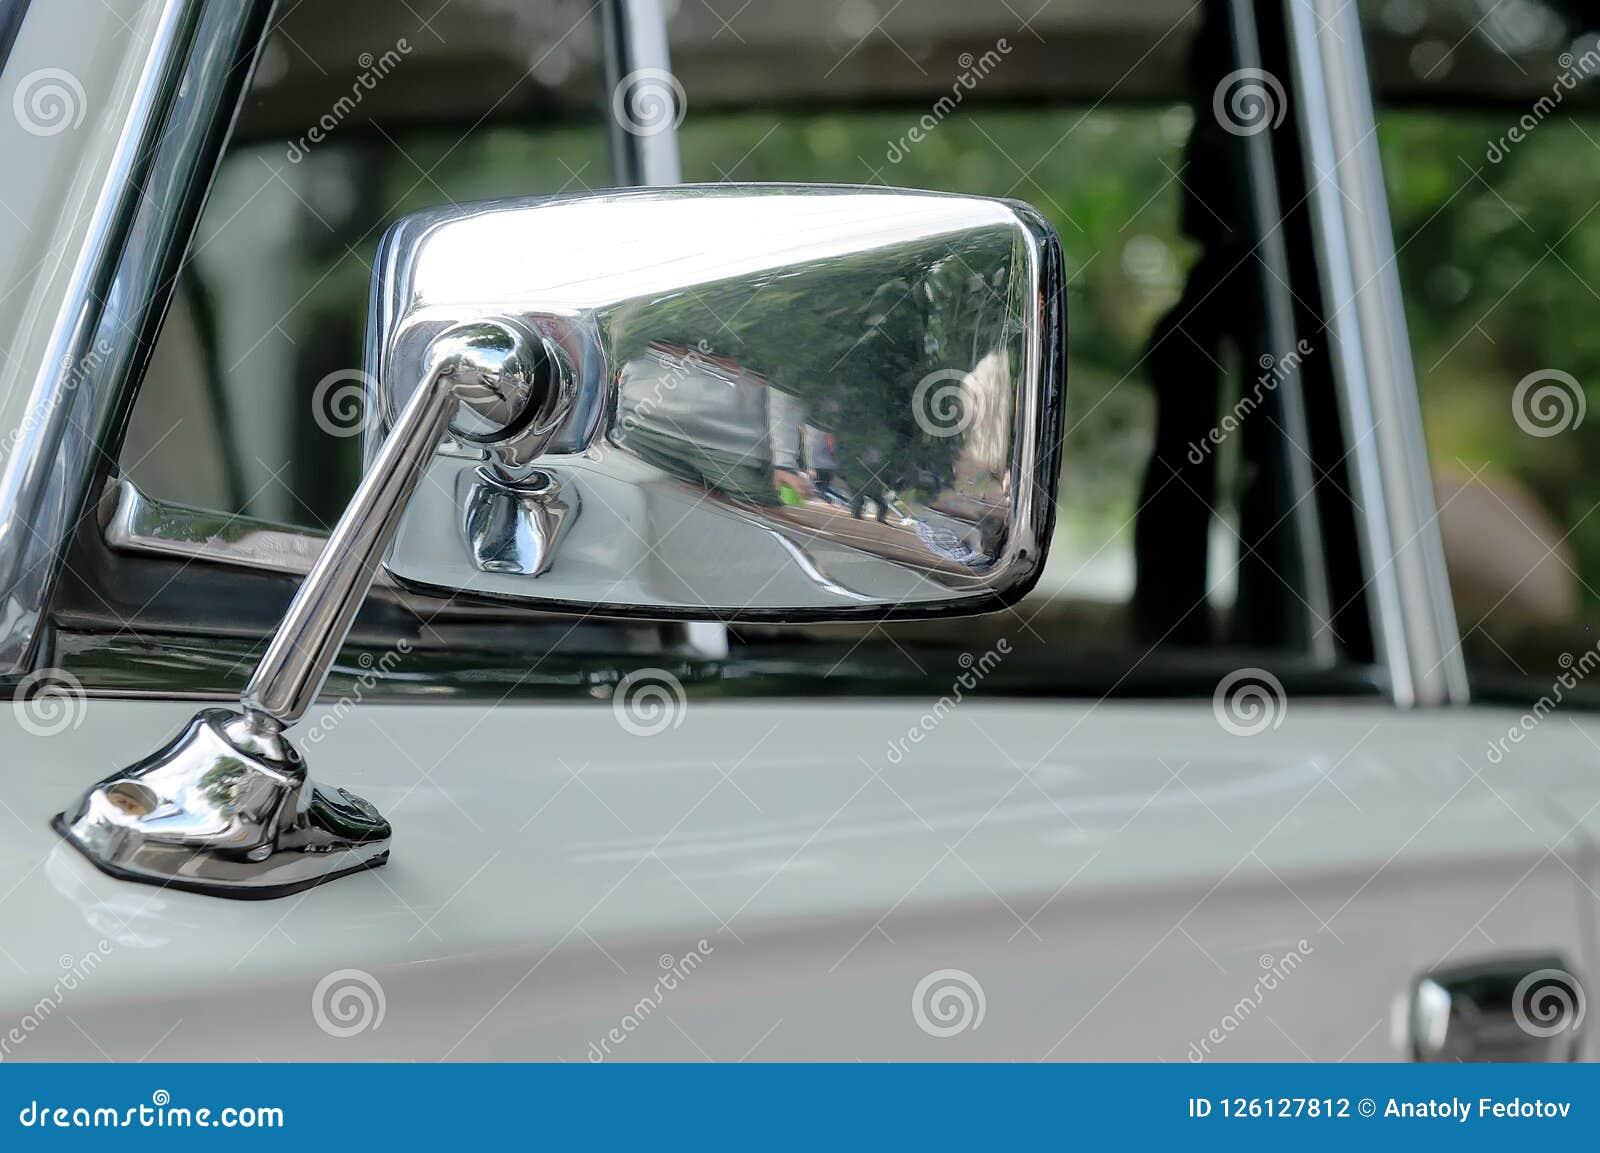 Autospiegel in einem Chromgehäuse auf einem grauen Auto